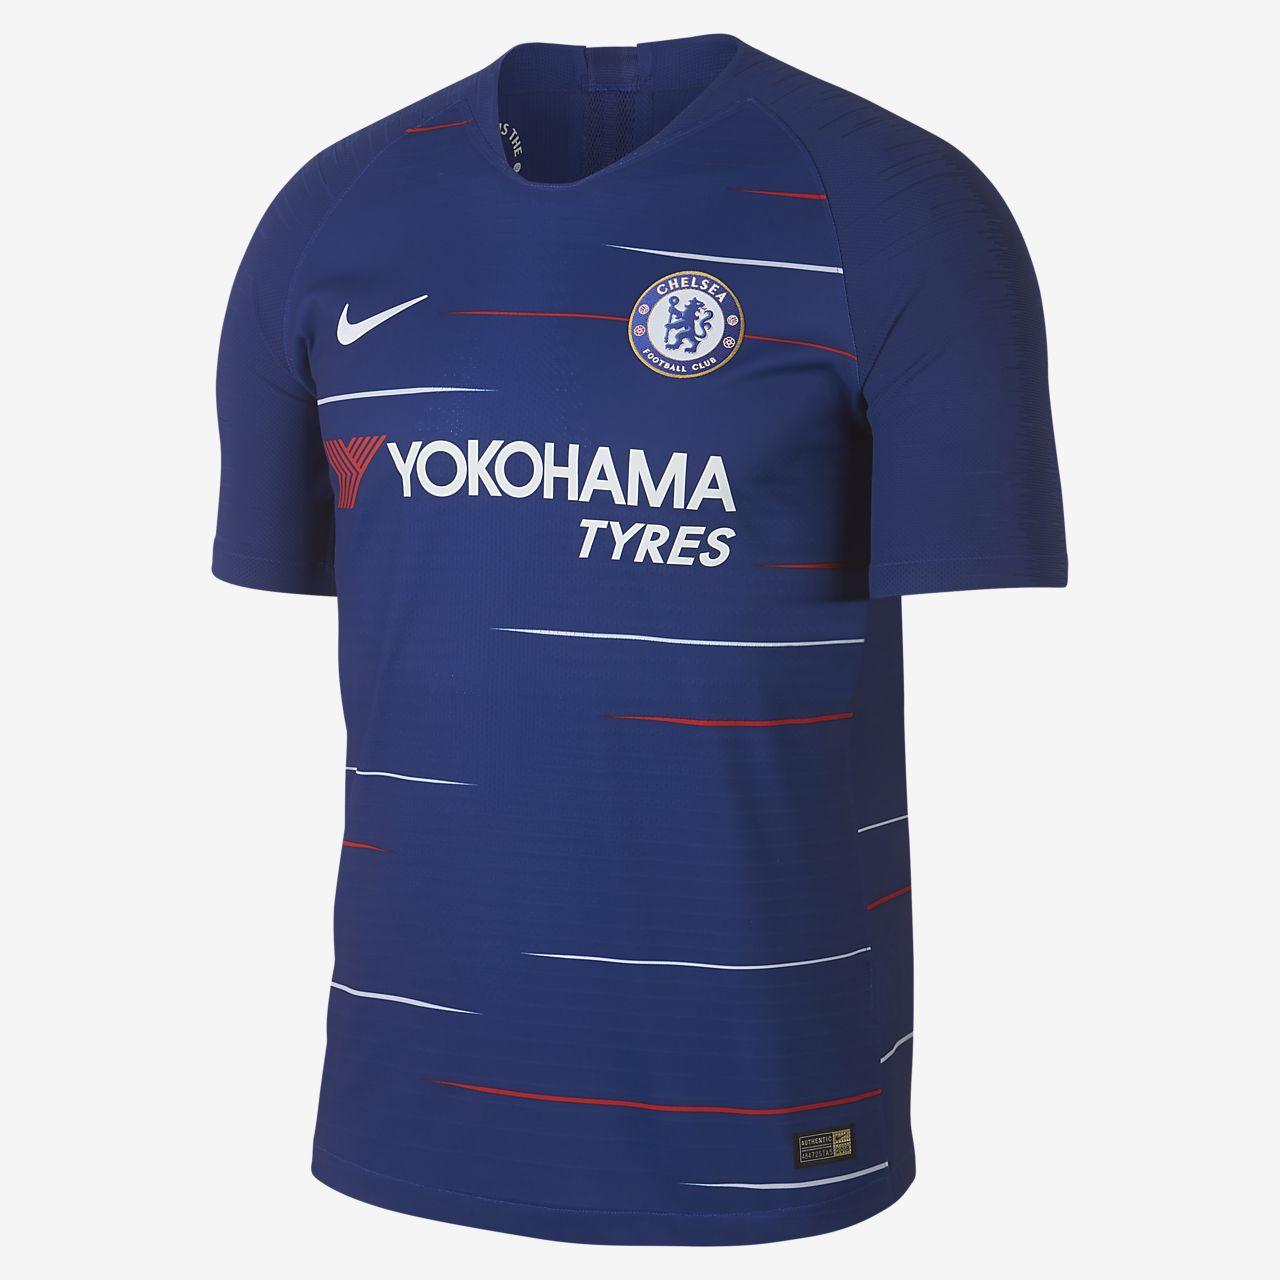 sale retailer fbf0e 029d6 2018/19 Chelsea FC Vapor Match Home Men's Football Shirt